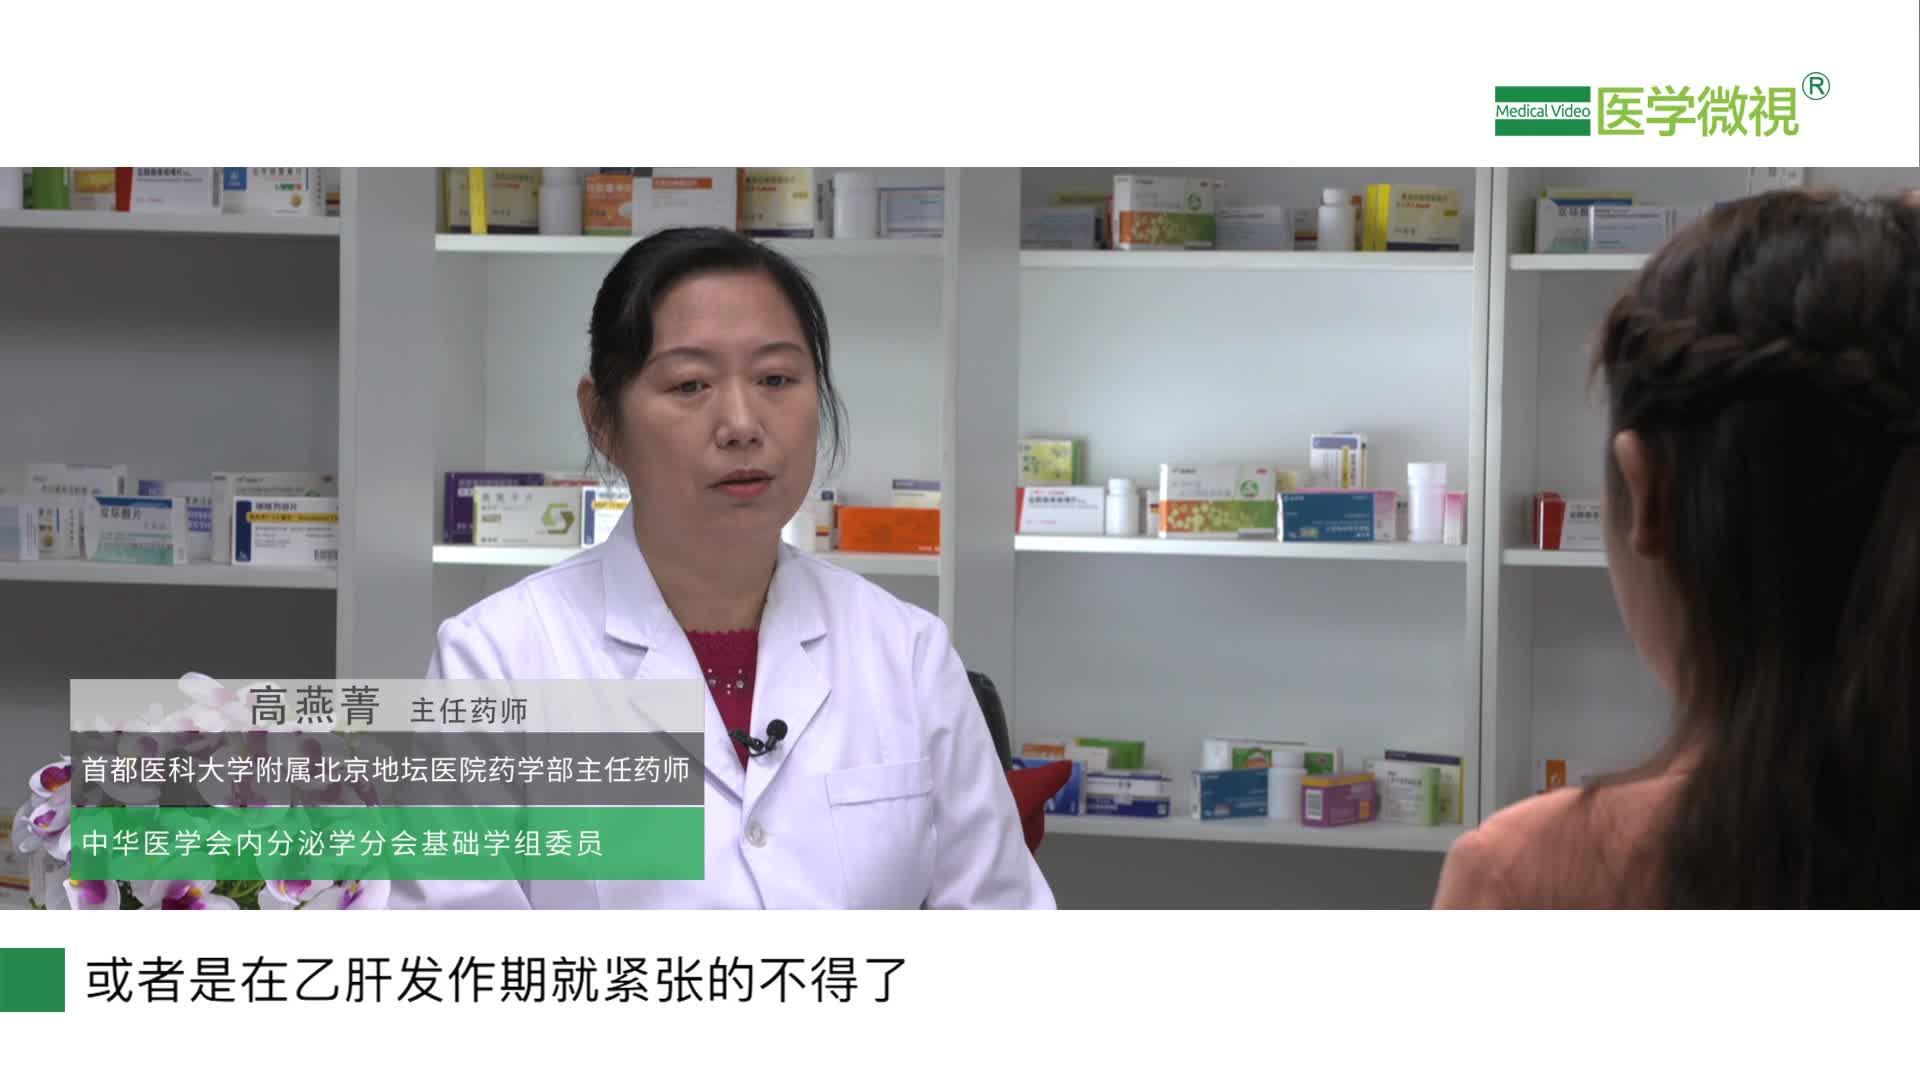 乙肝有哪些阶段?在哪些阶段乙肝患者要抗病毒治疗?